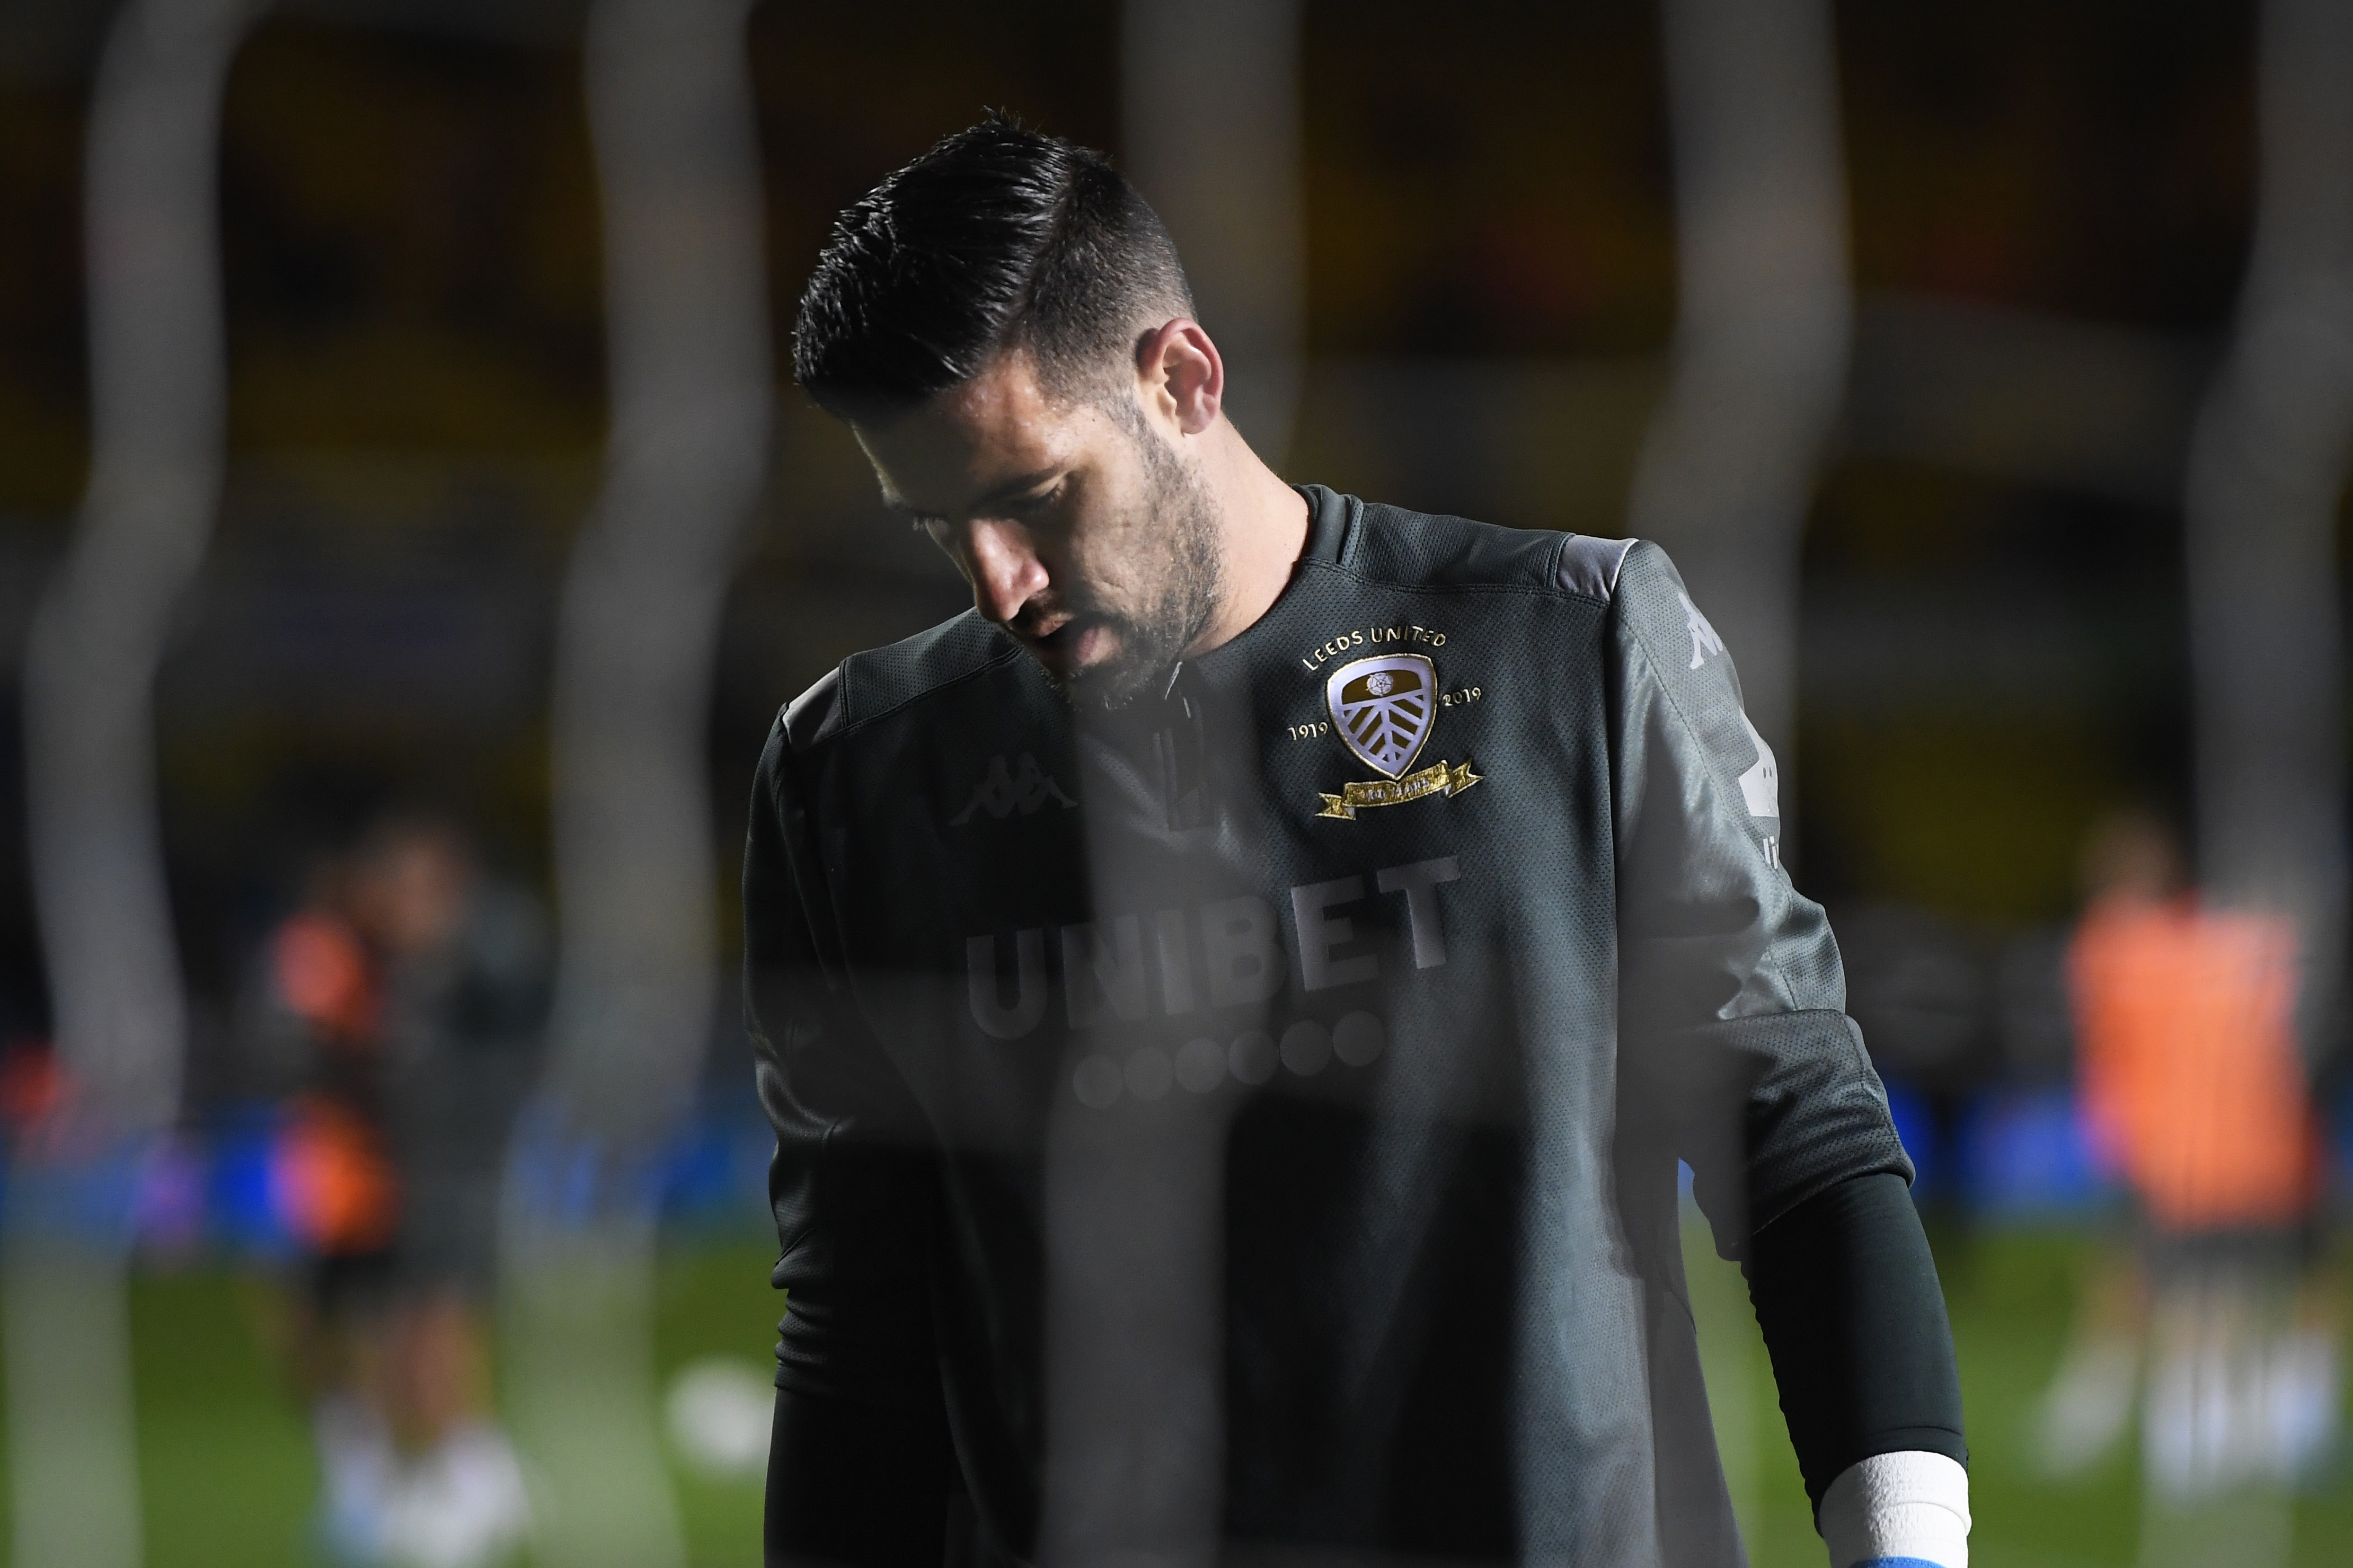 Kiko Casilla era el portero menos goleado de la categoría hasta el bajón de forma del Leeds. / Getty Images